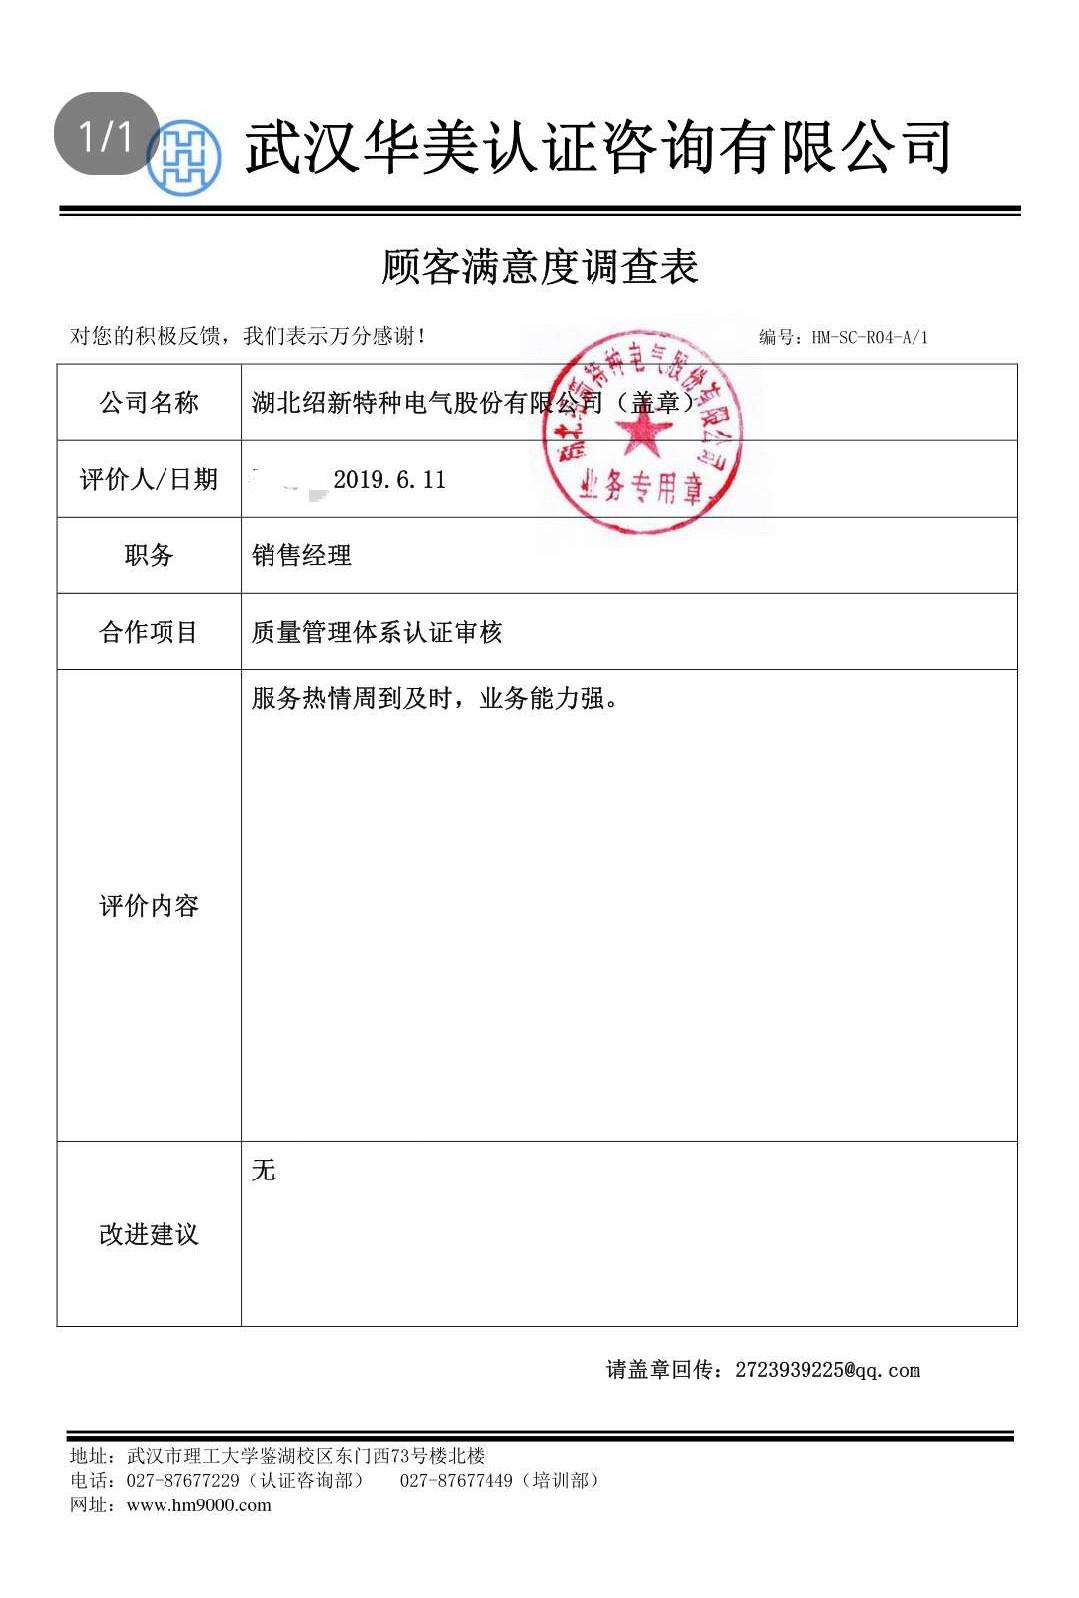 湖北紹新特種電氣股份ballbet貝博網頁登陸